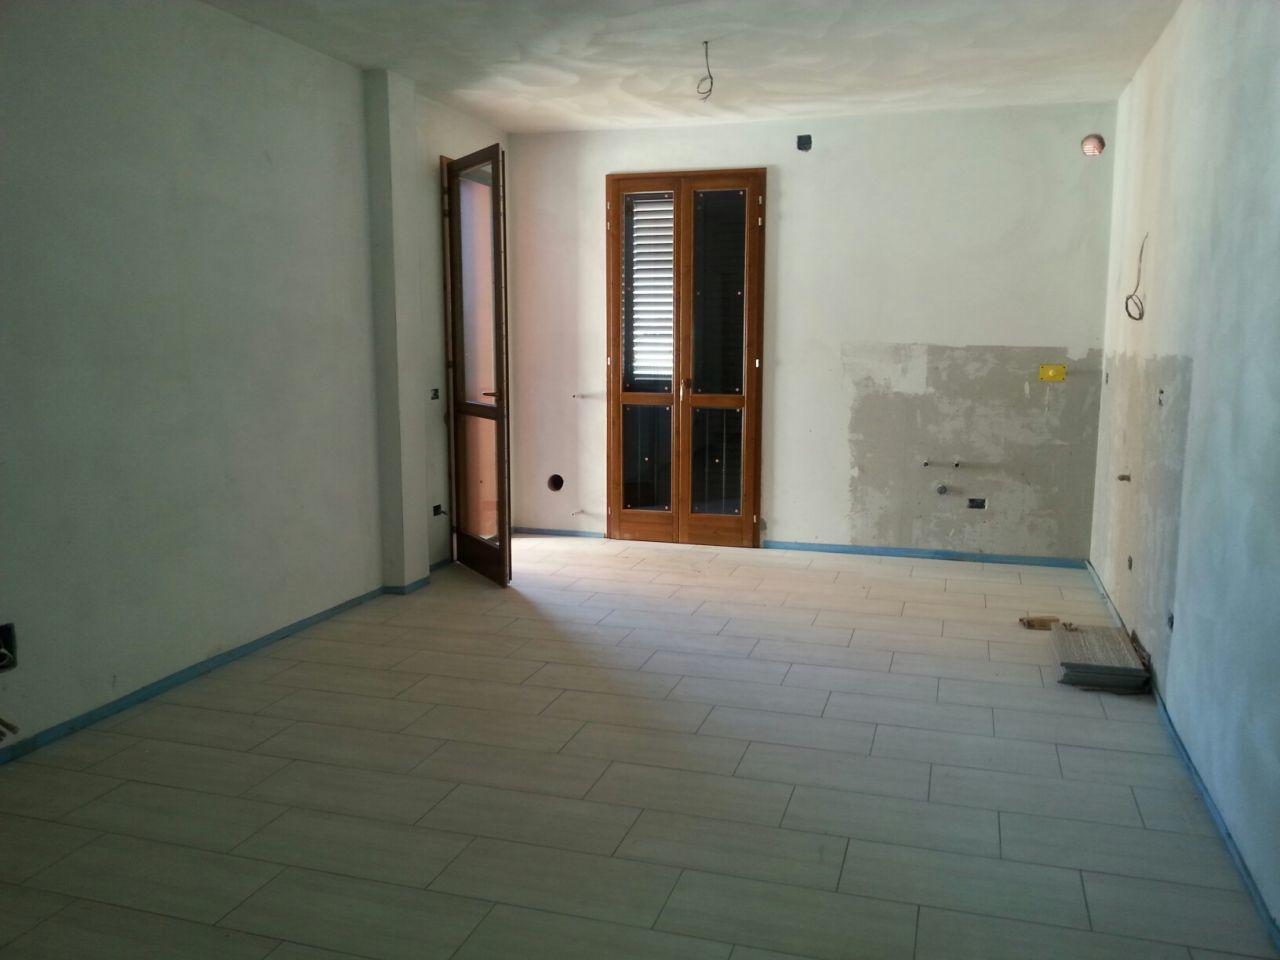 Soluzione Indipendente in vendita a Calcinaia, 3 locali, prezzo € 160.000 | Cambio Casa.it